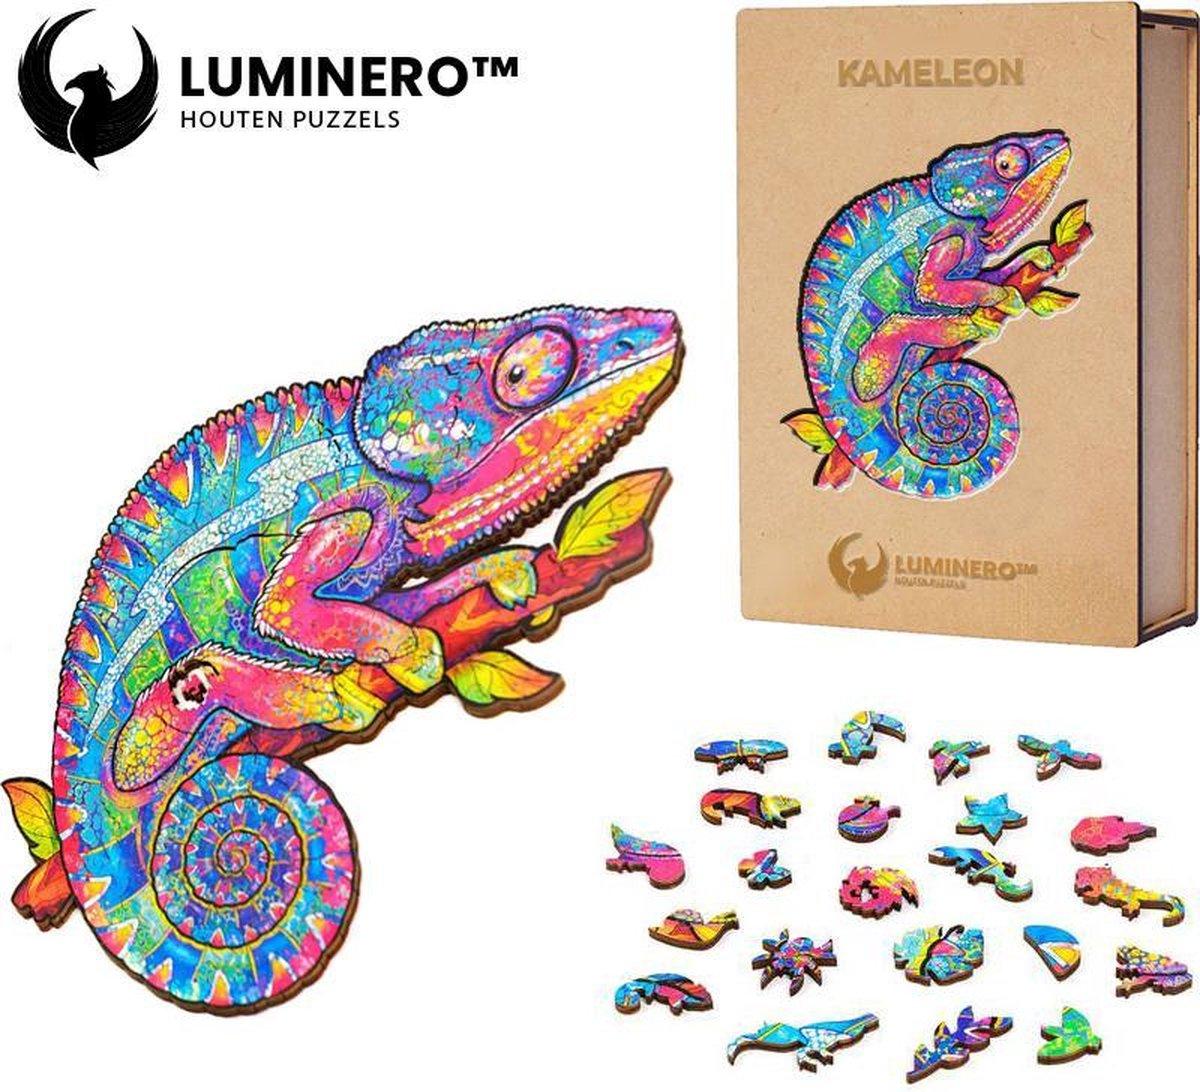 Luminero™ Houten Kameleon Jigsaw Puzzel - A4 Formaat Jigsaw - Unieke 3D Puzzels - Huisdecoratie - Wooden Puzzle - Volwassenen & Kinderen - Incl. Houten Doos